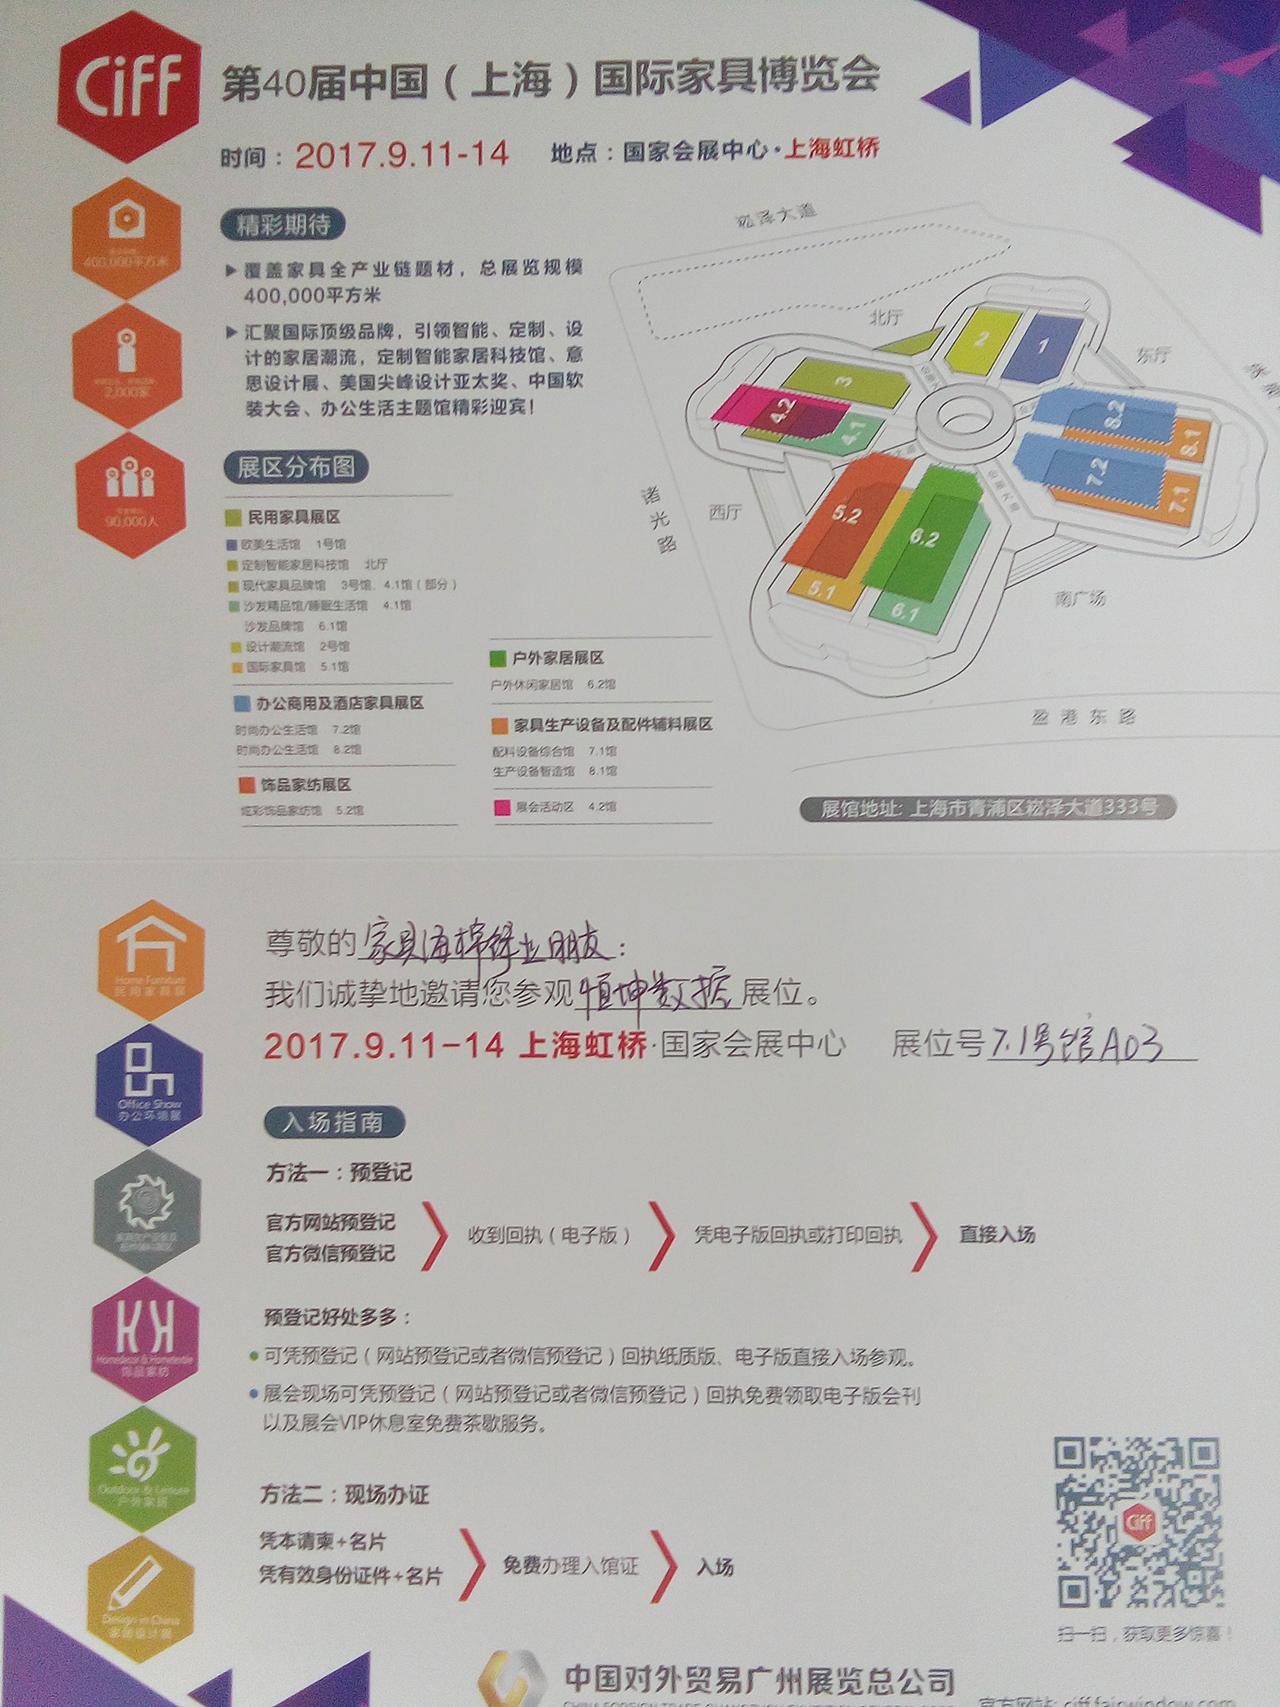 第40届中国(上海)国际家具博览会  恒坤数控邀请函